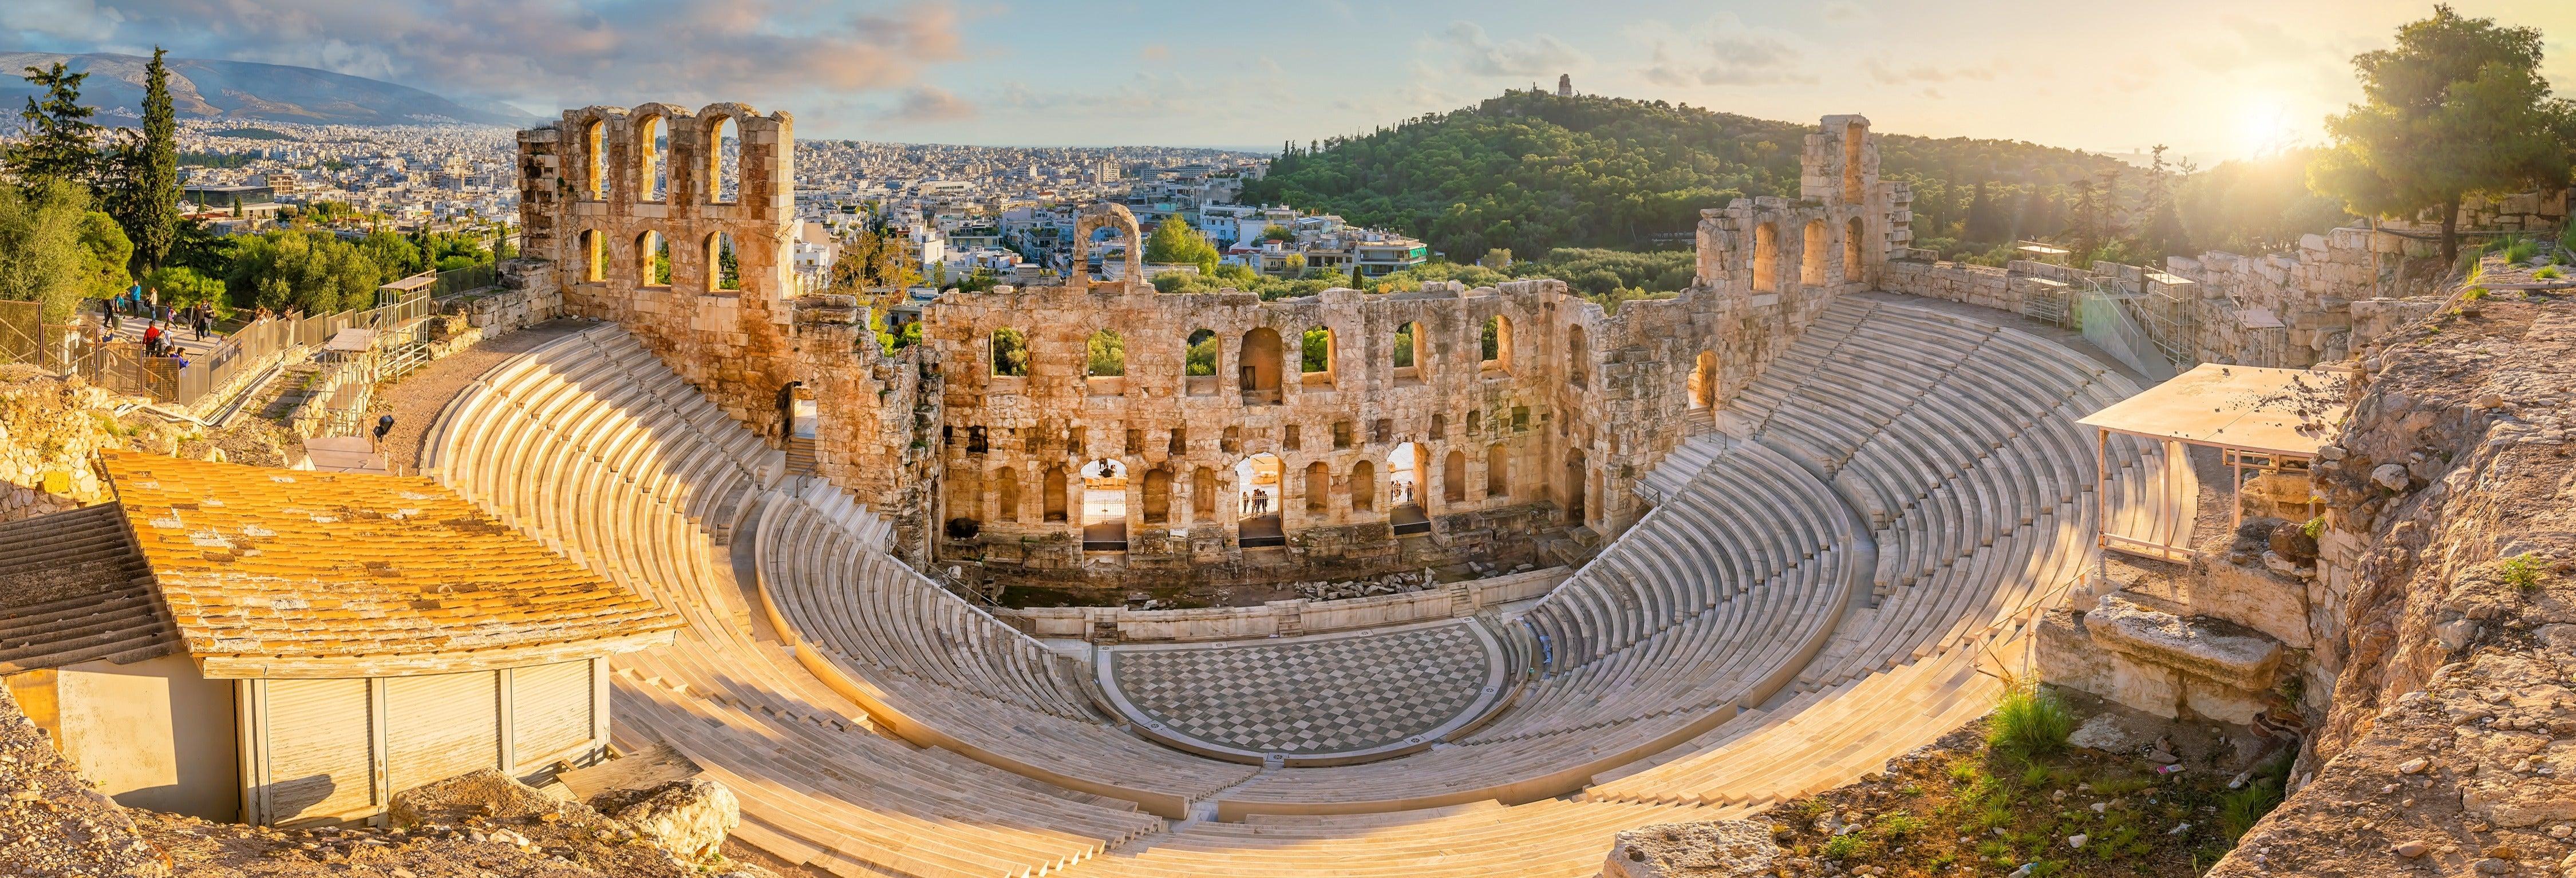 Tour por Atenas e visita à Acrópole